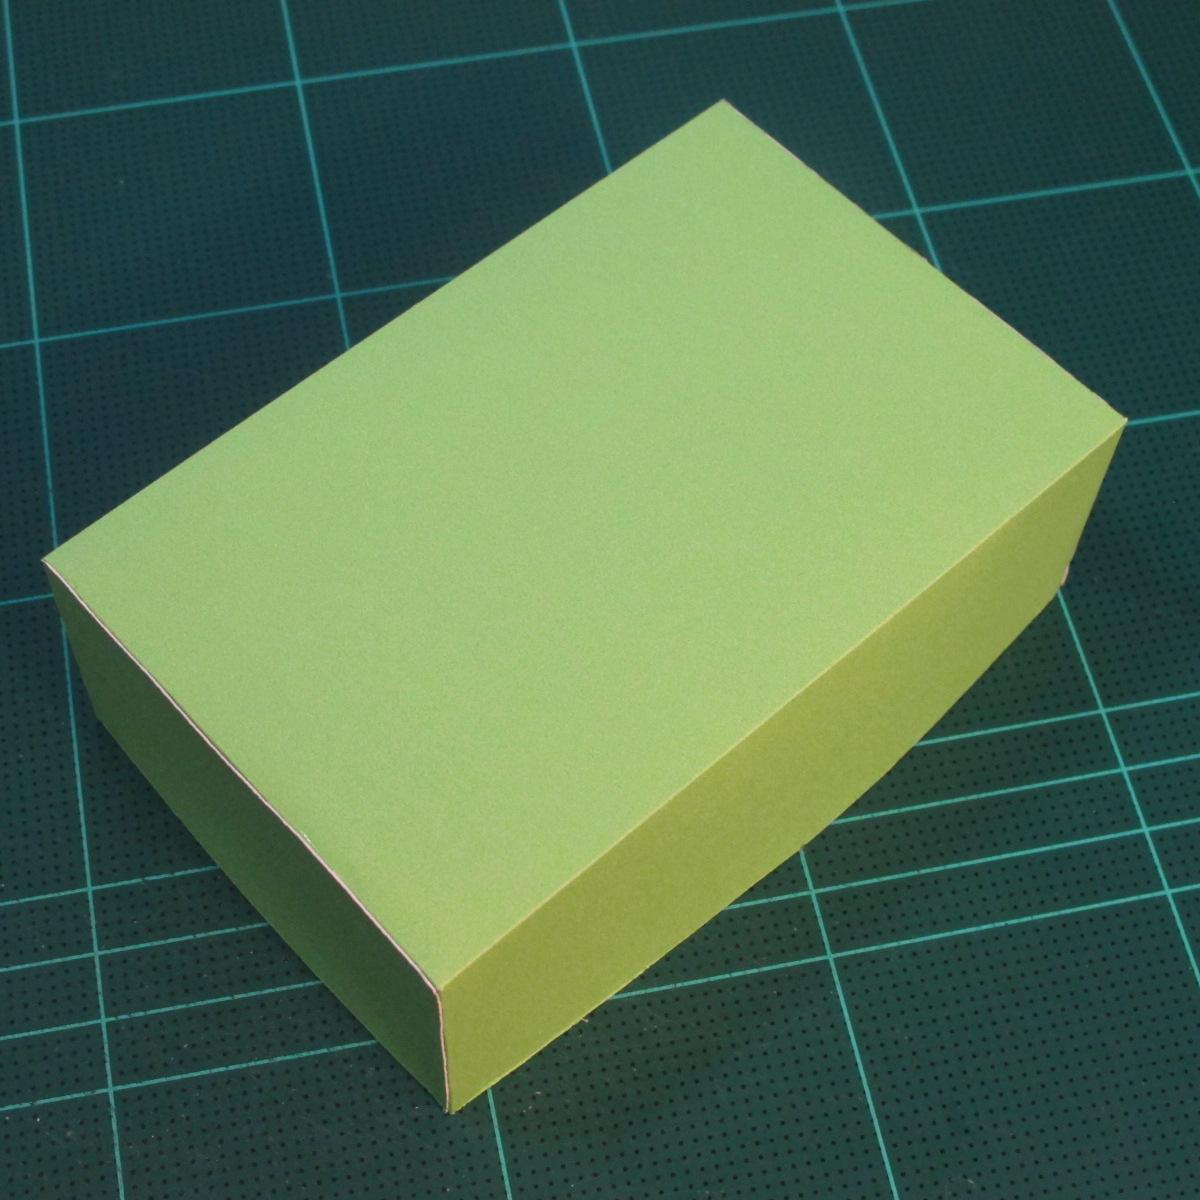 วิธีทำโมเดลกระดาษตุ้กตาคุกกี้รัน คุกกี้ผู้กล้าหาญ แบบที่ 2 (LINE Cookie Run Brave Cookie Papercraft Model Version 2) 024